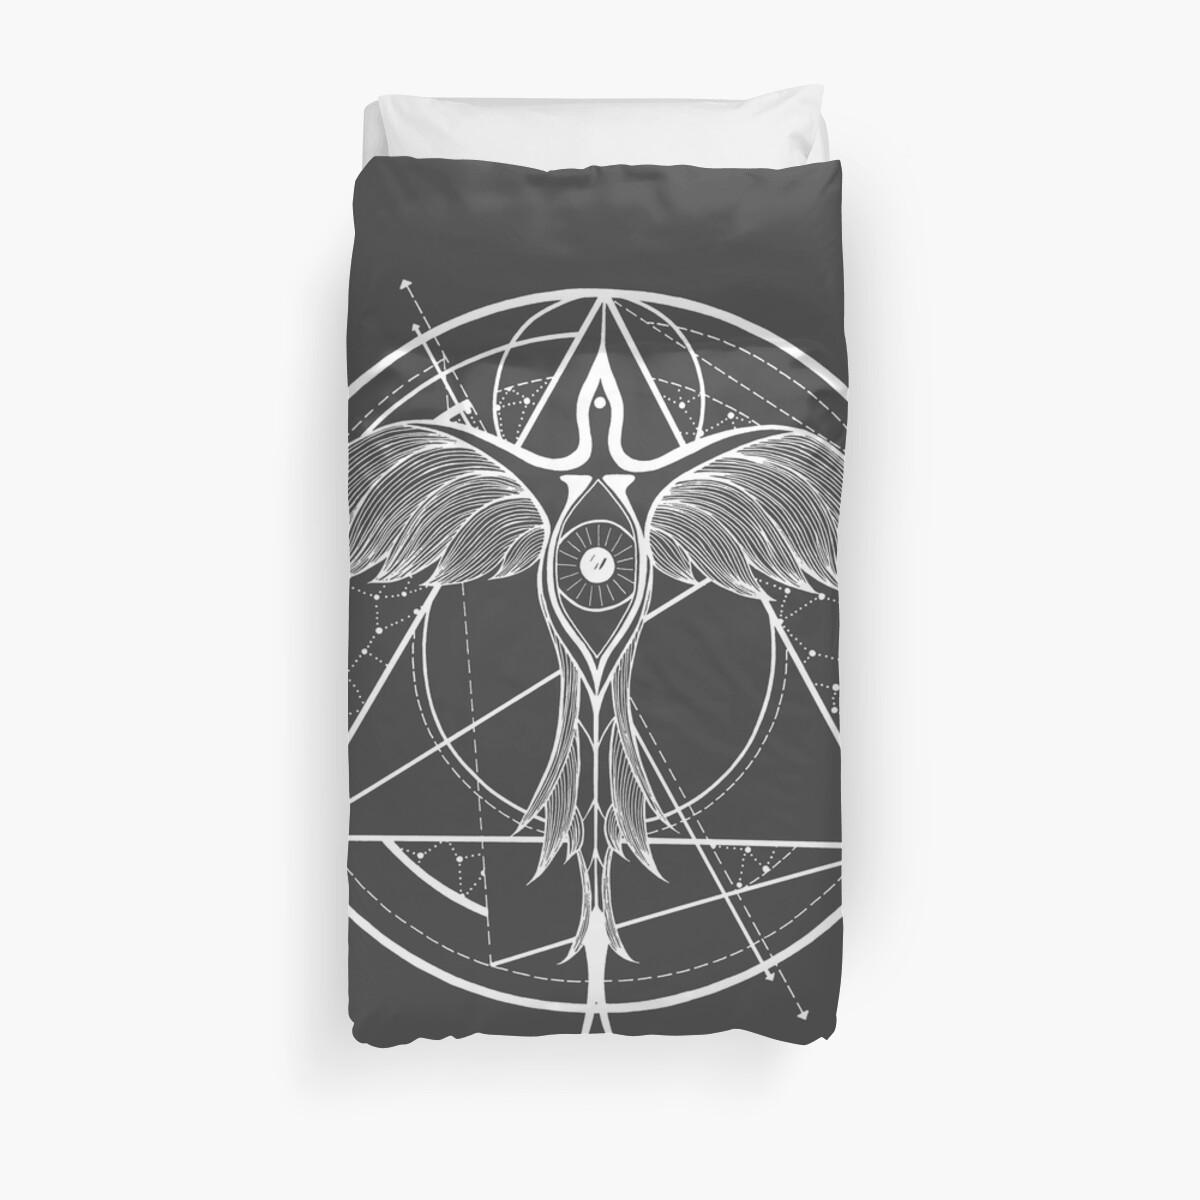 366e52f26 Phoenix ascending | Third eye of Horus| Sacred Geometry tattoo design Duvet  Cover